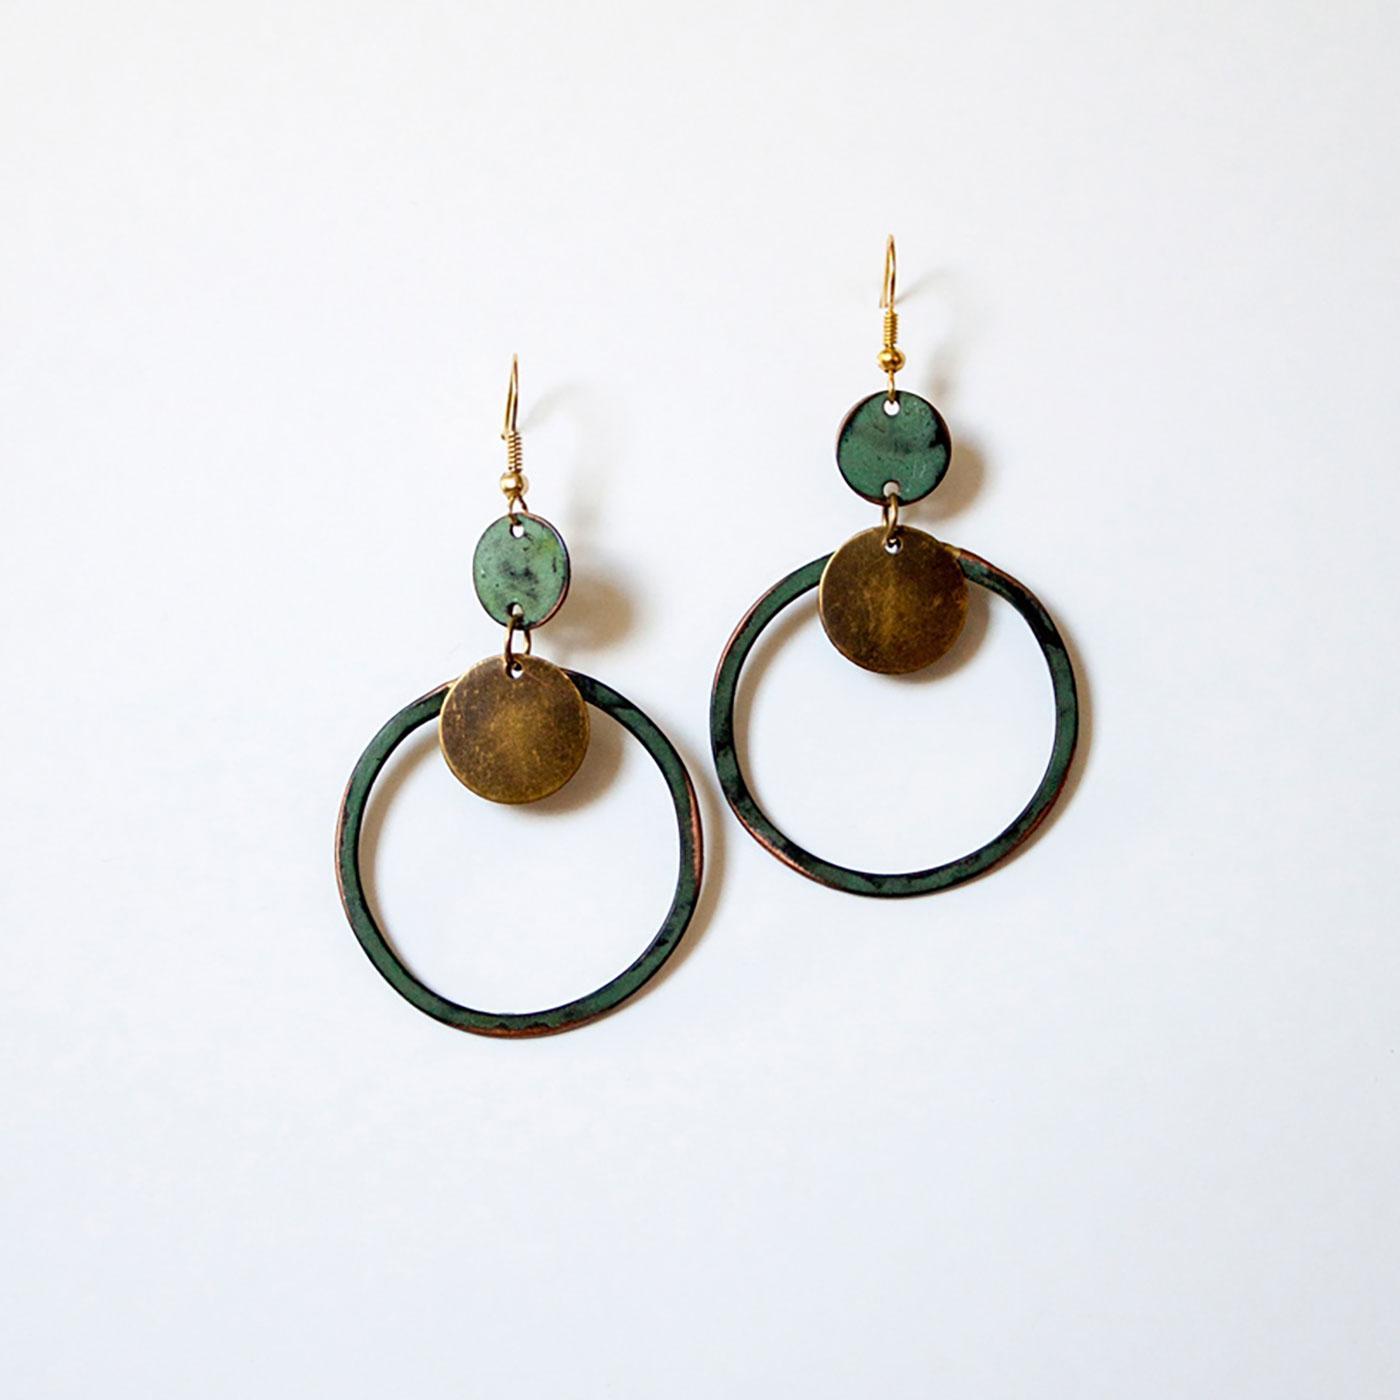 +Patina Loop NOMADS Handmade Earrings In Biscay